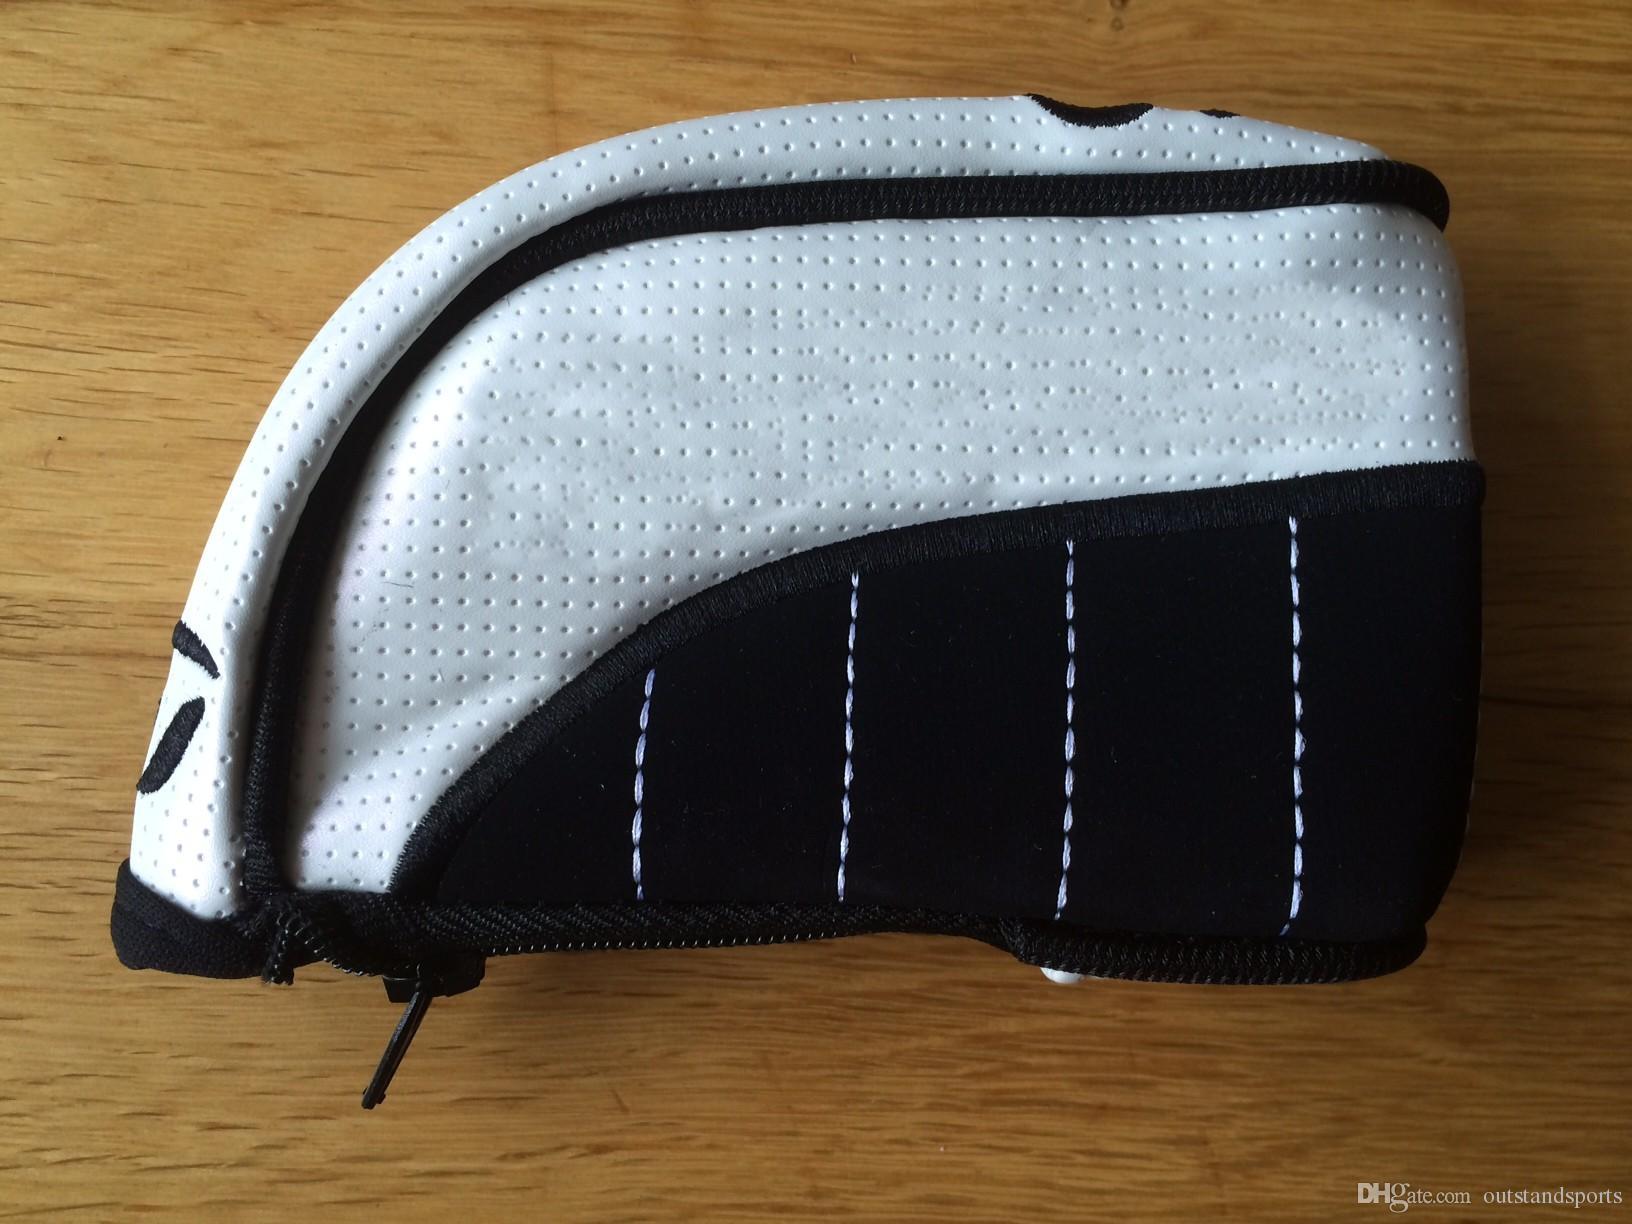 customerized PU Golfeisenabdeckung Reißverschluss unter OEM-Golfschlägerhaube